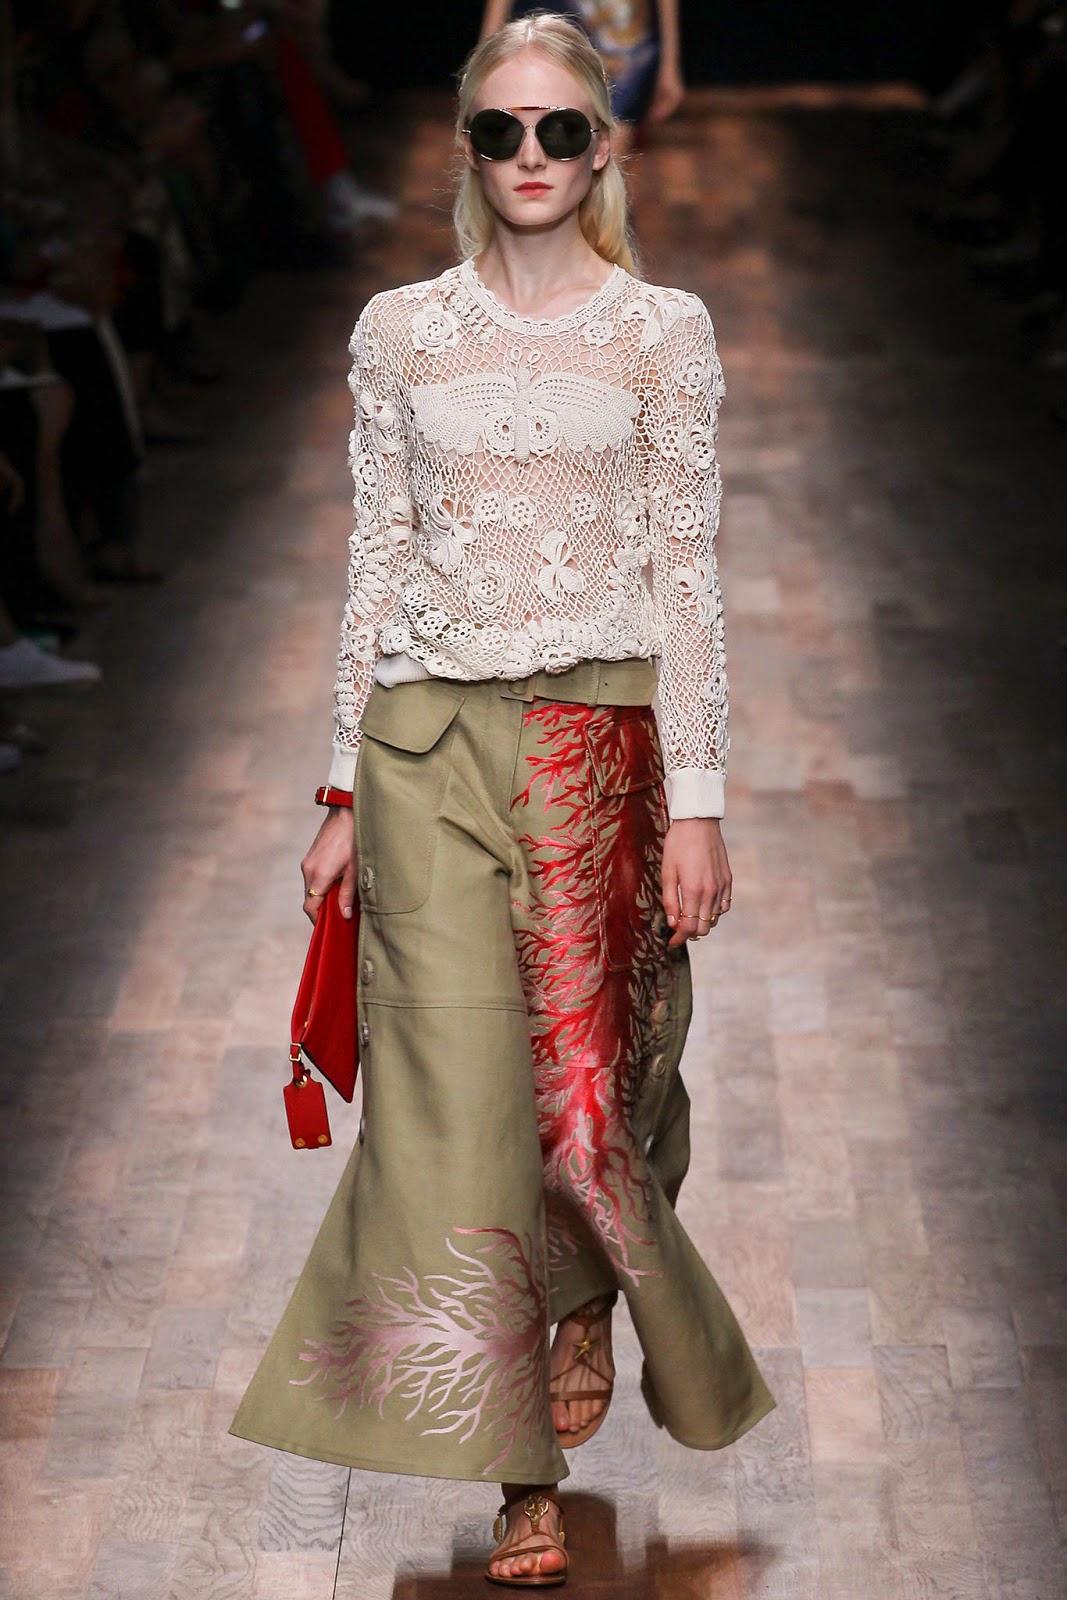 valentino 2015 summer 2016 trend women dress63 Valentino 2015 samling, våren sommaren 2016 Valentino klänning modeller, Valentino kväll klänning nya säsongen kvinnors kjolar modeller